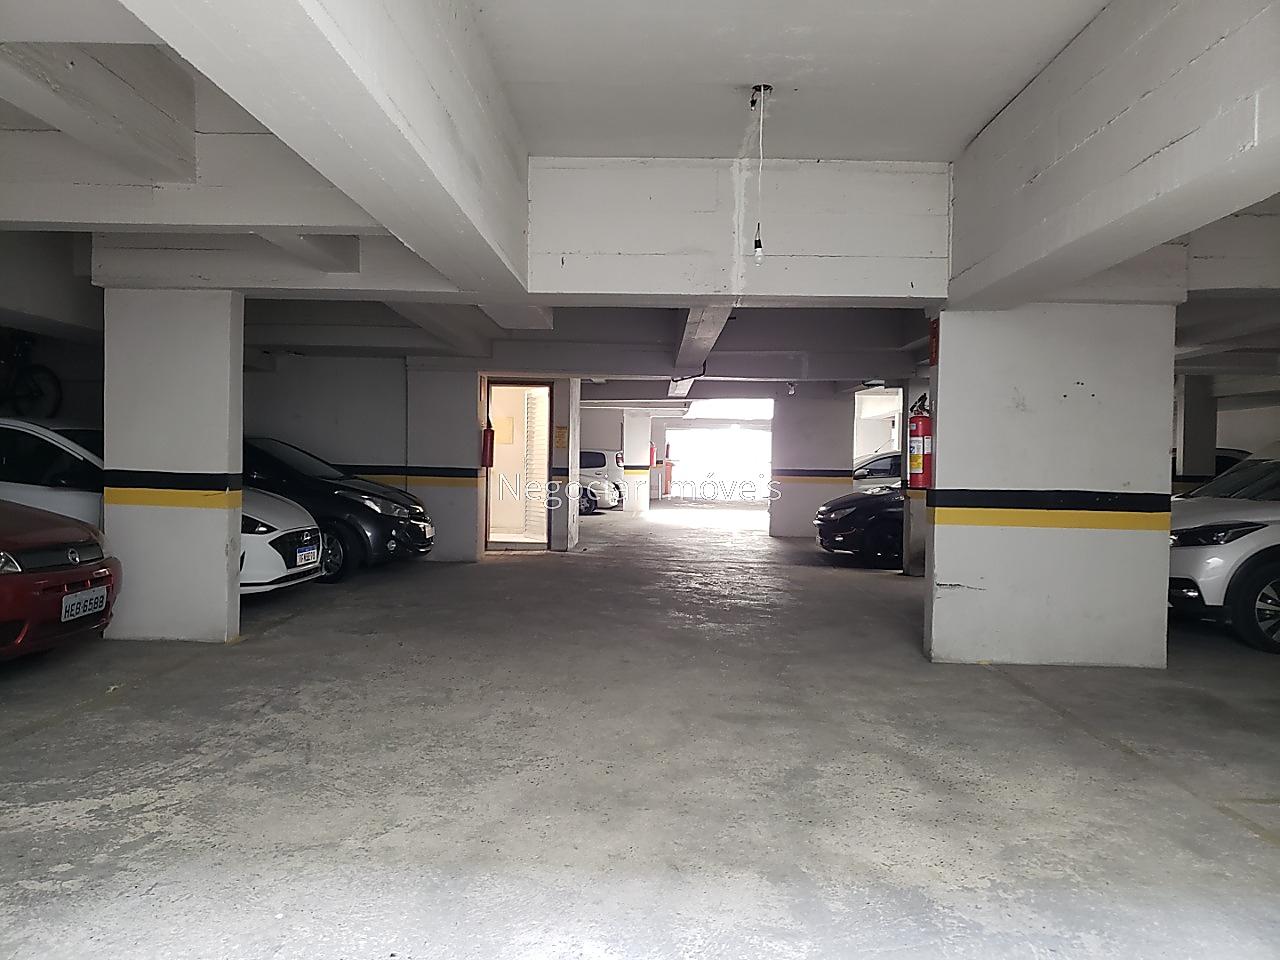 Apartamento à venda em Morro da Glória, Juiz de Fora - MG - Foto 13